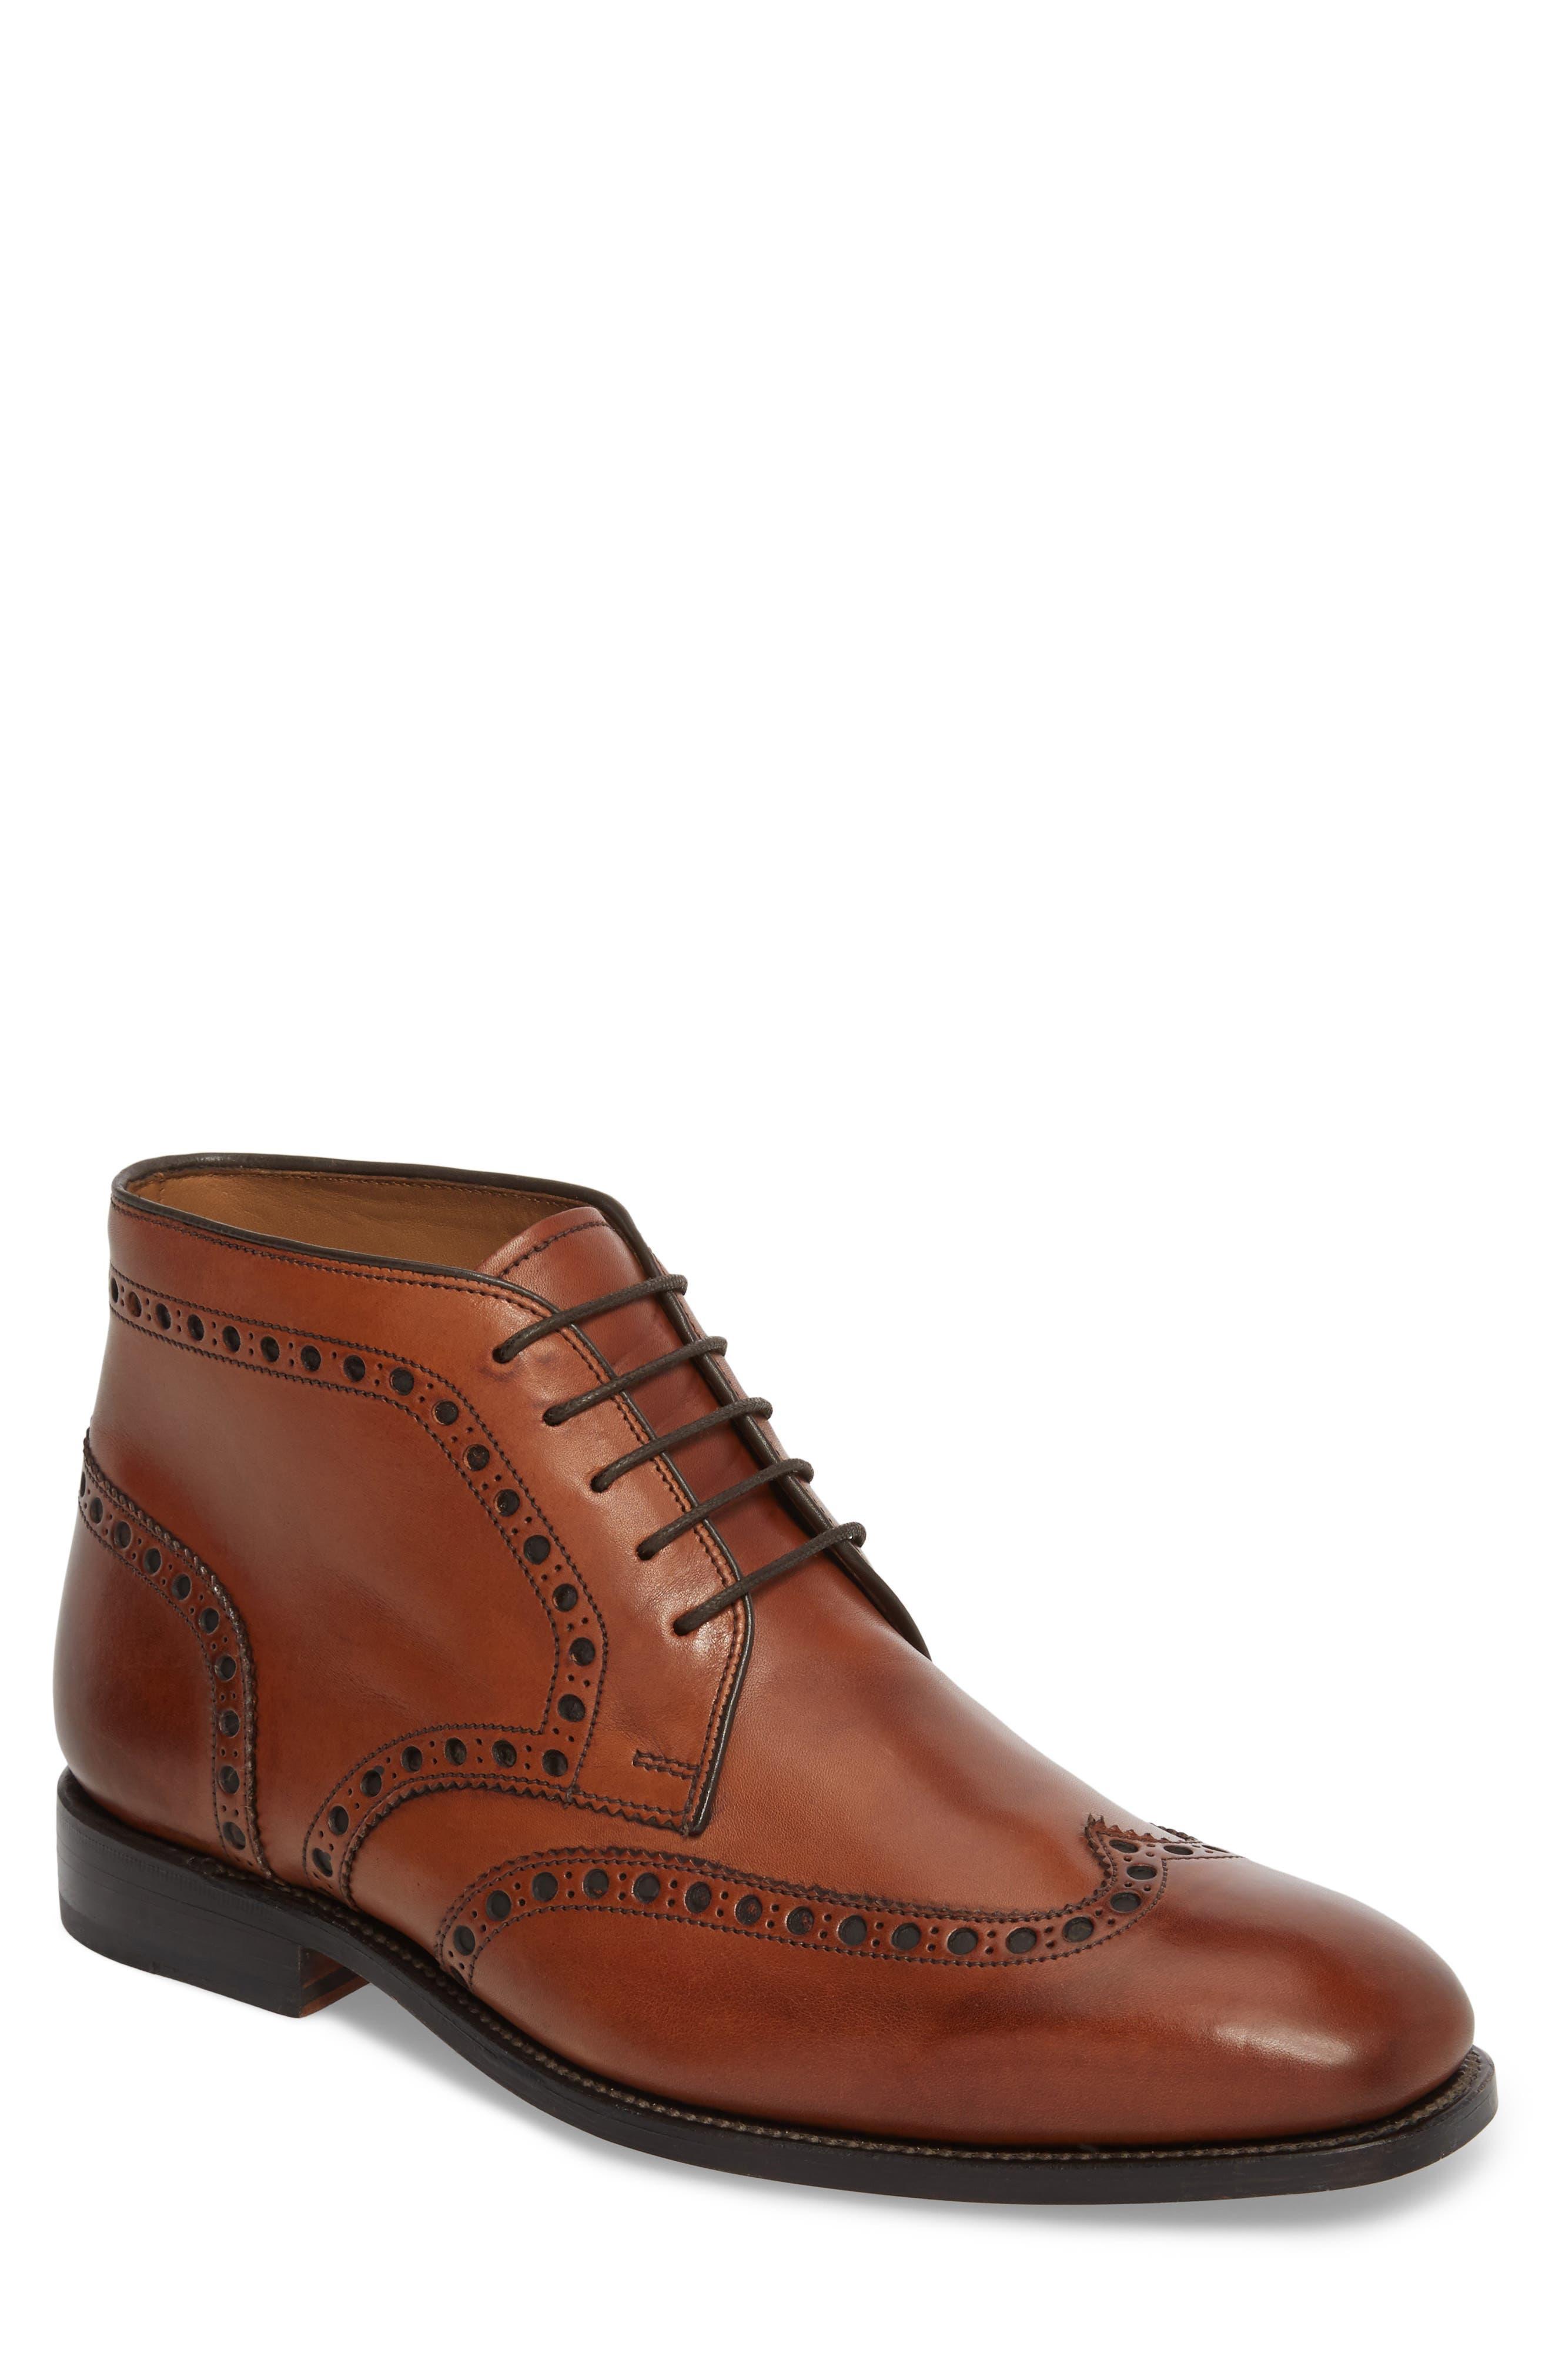 Presidio Wingtip Chukka Boot,                         Main,                         color, Cognac